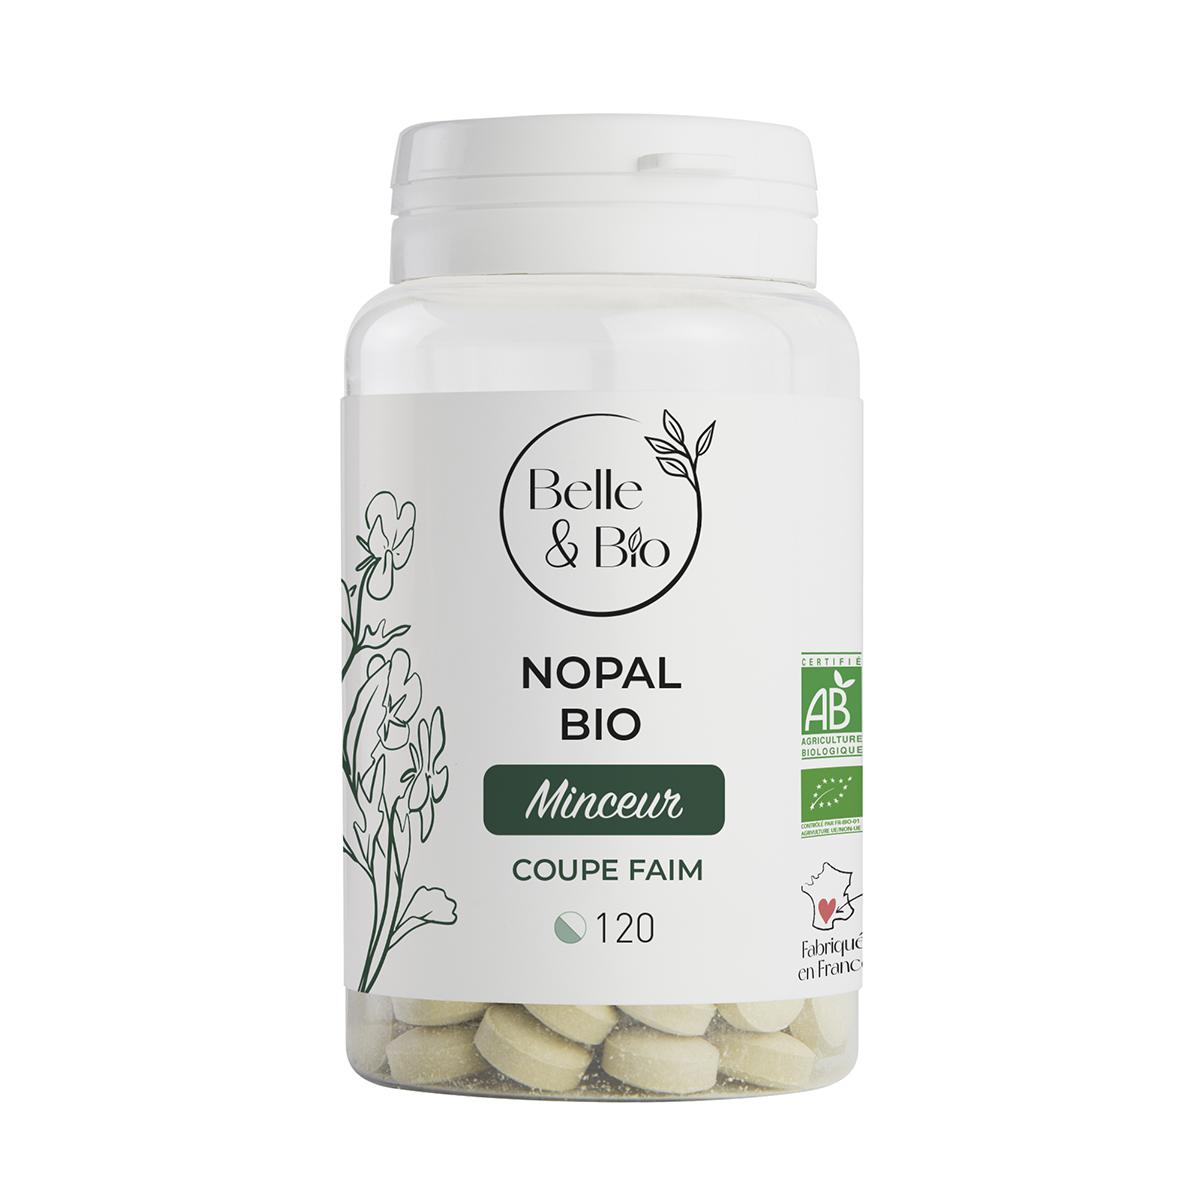 Belle & Bio - Nopal Bio - Minceur - 120 Comprimés - Certifié AB par Ecocert